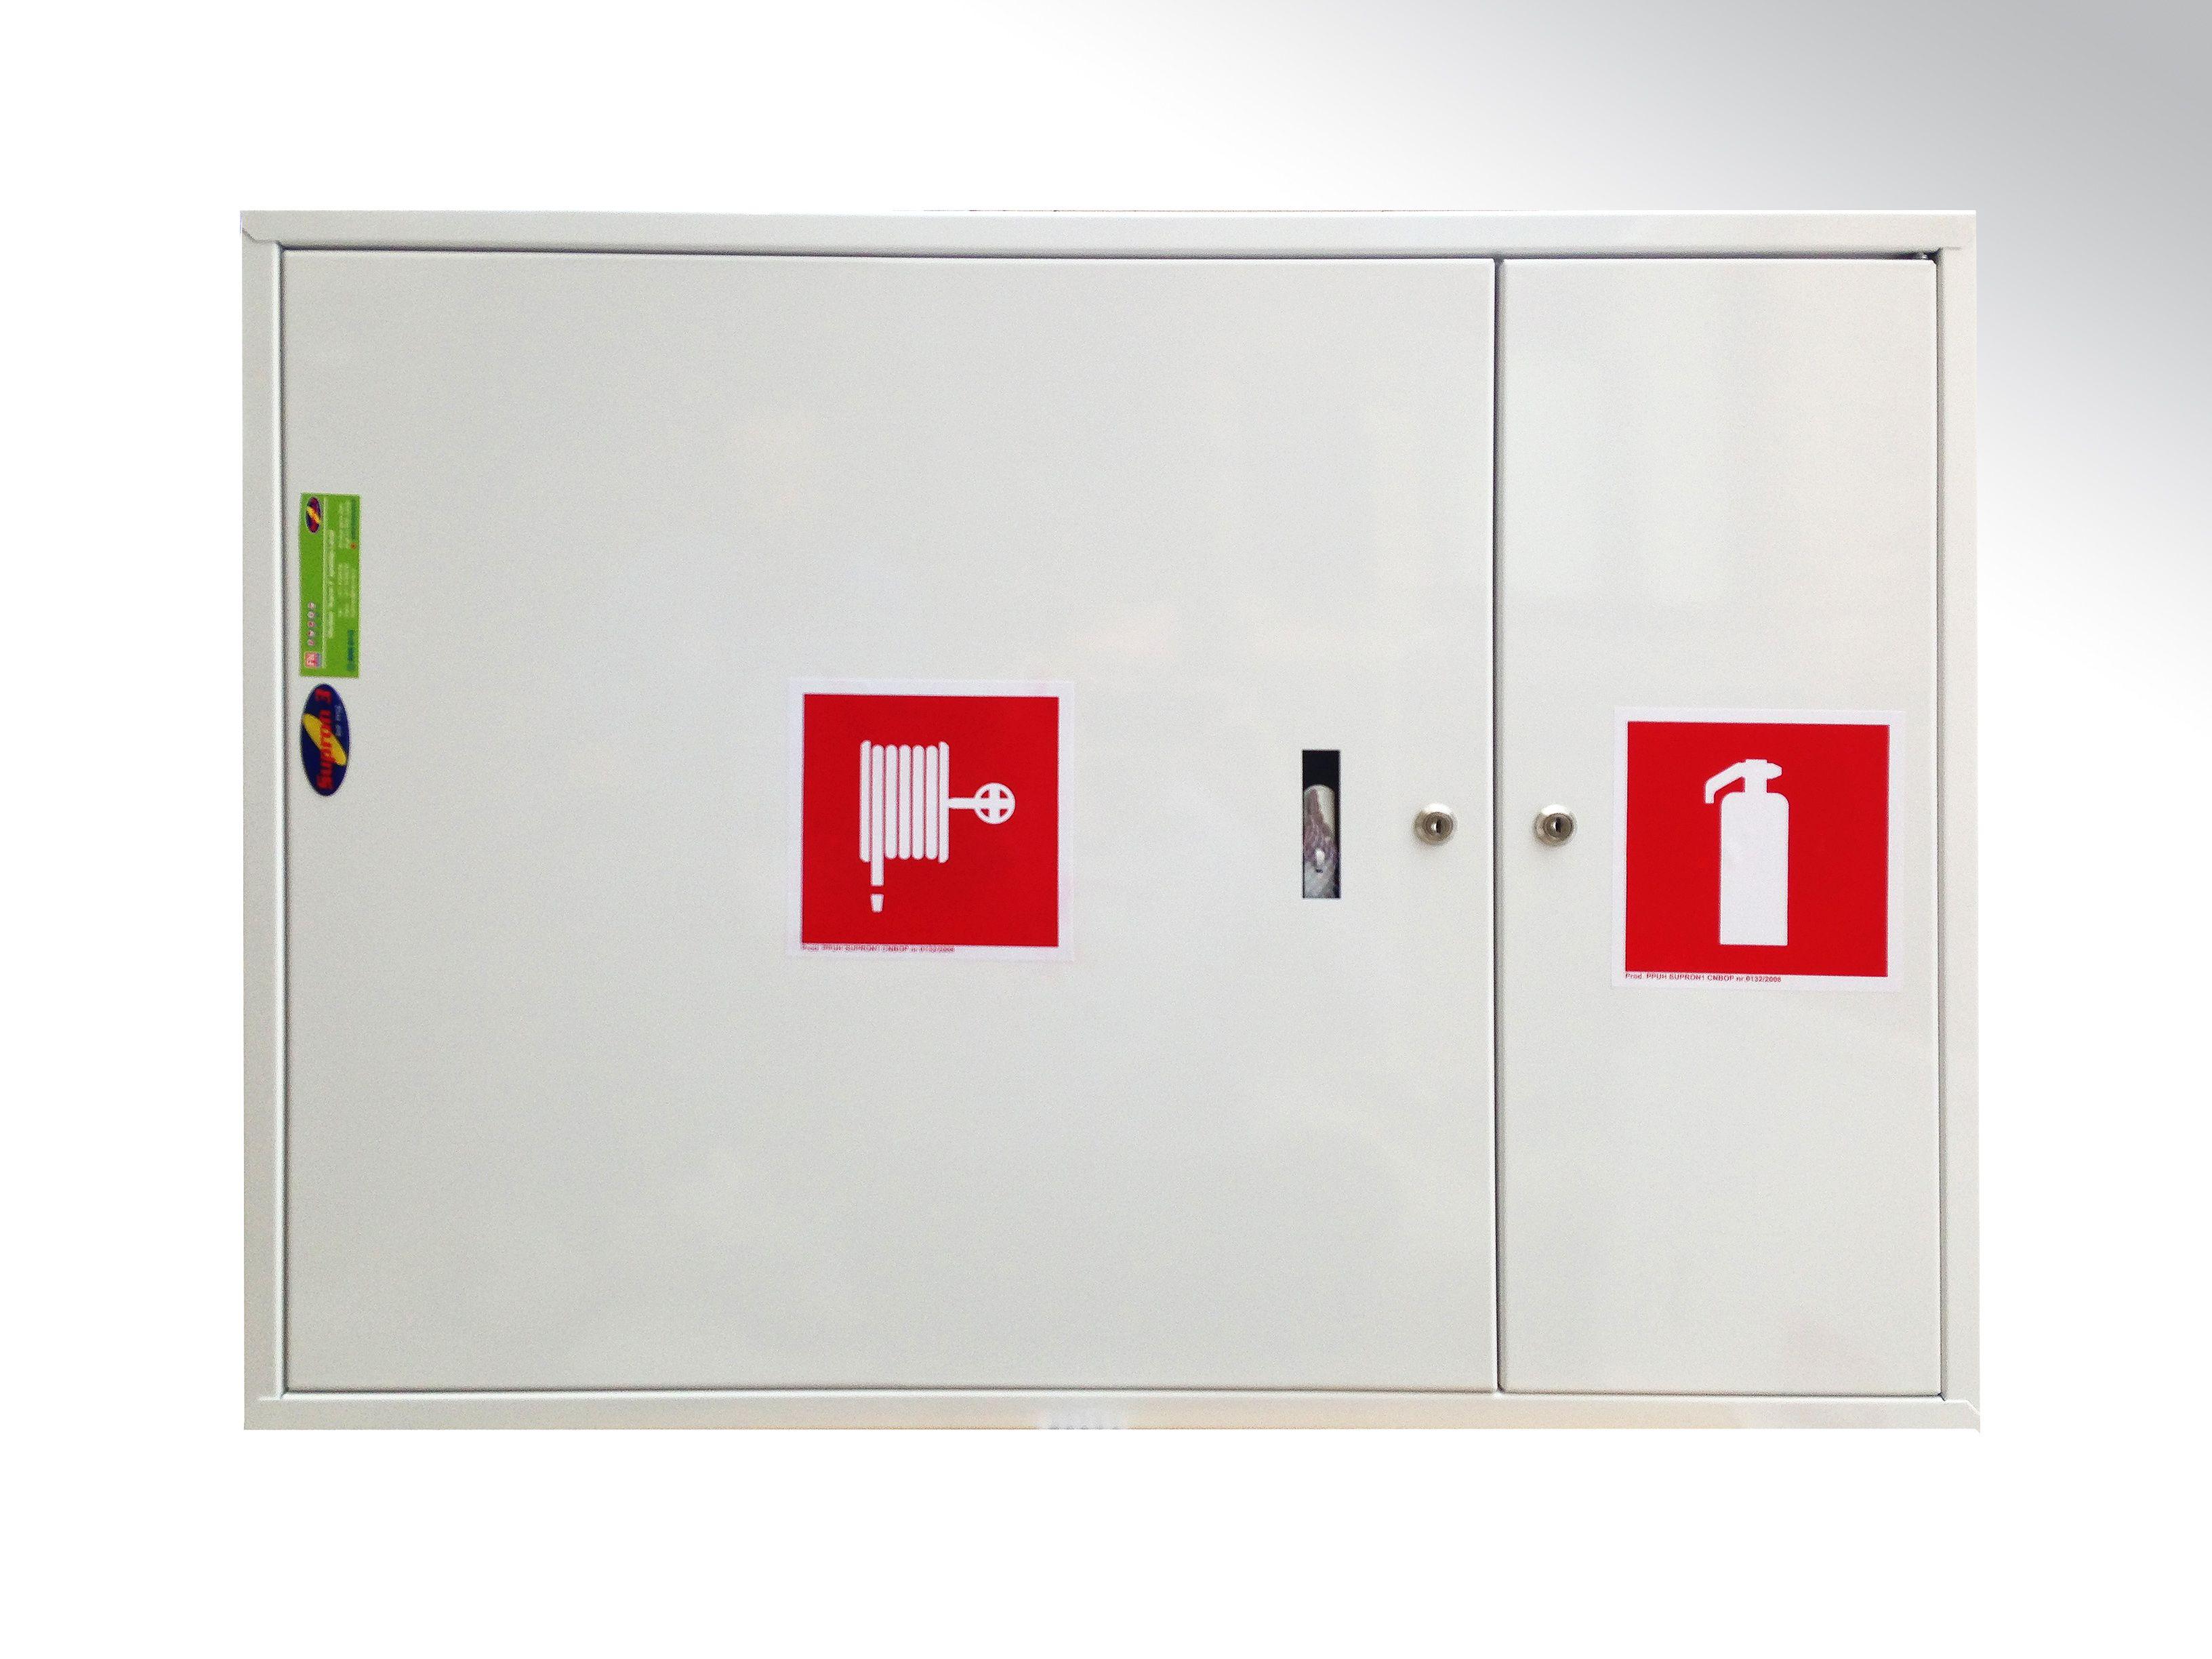 Balta ugunsdzēsības krānu kaste ugunsdrošības inventāram 2